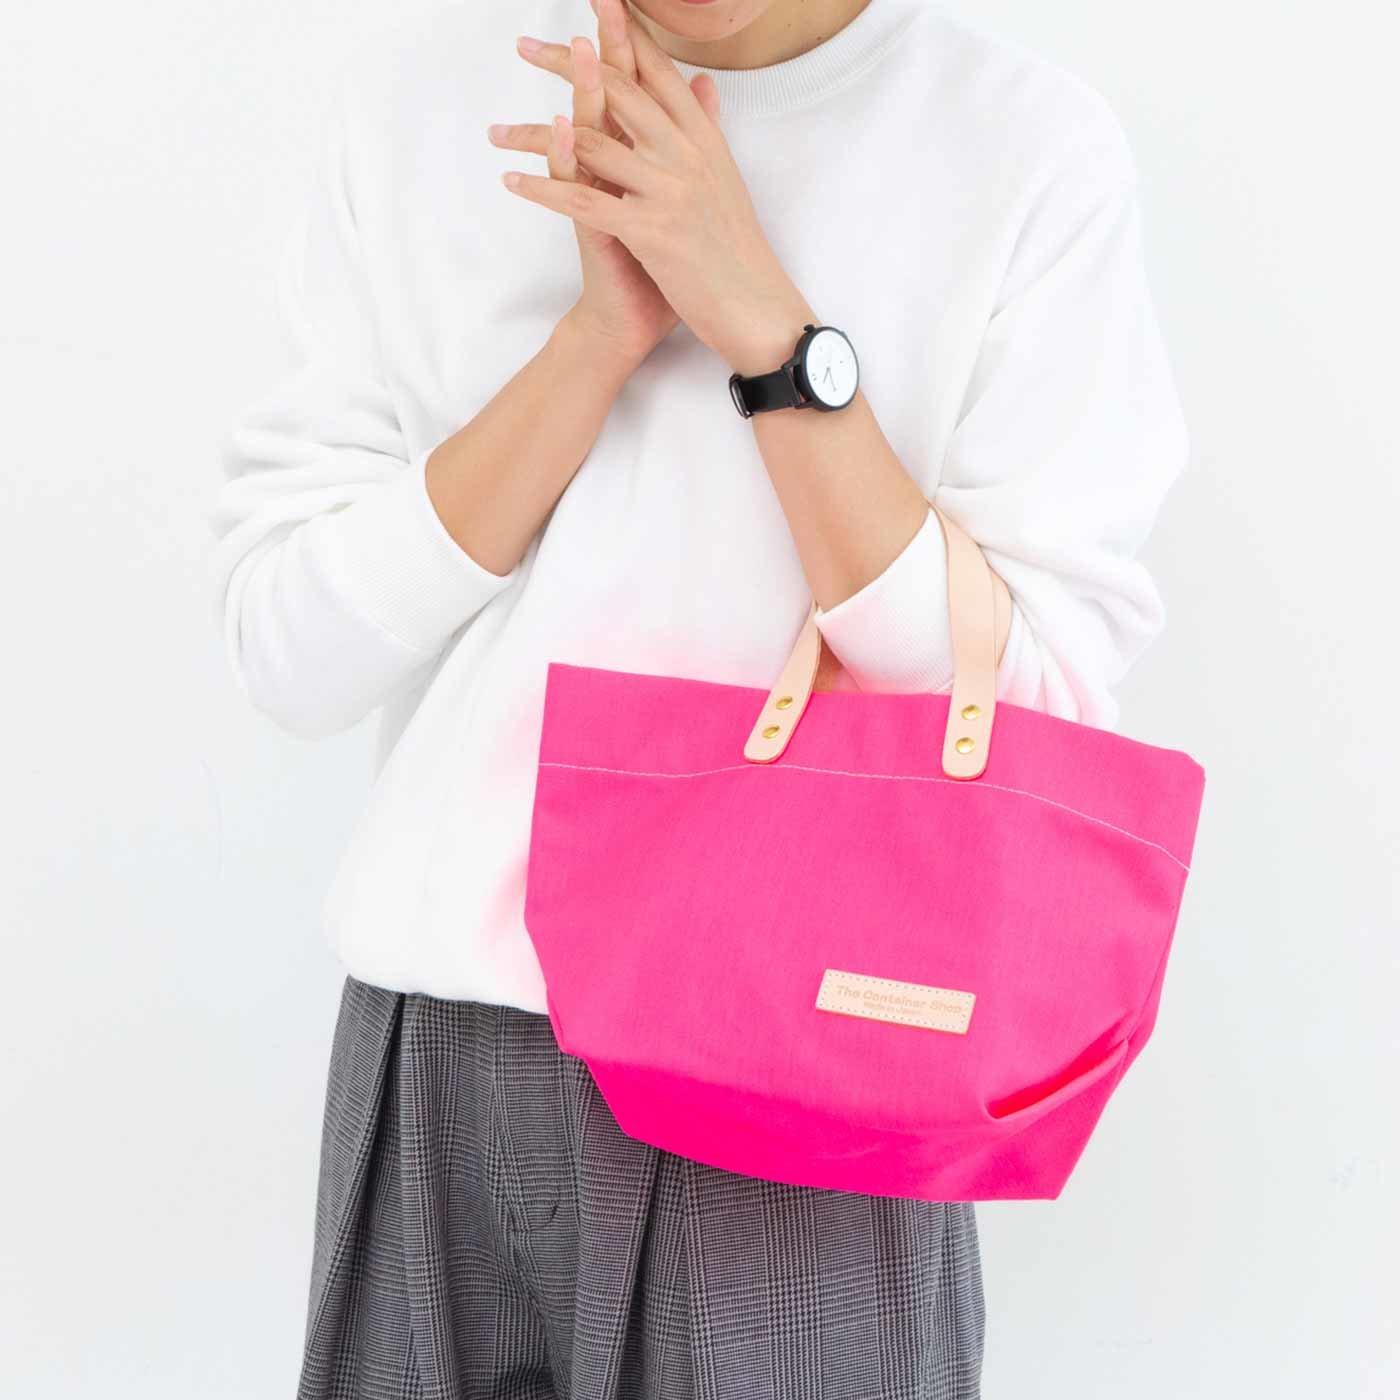 UP.de デイリーサイズがうれしい 日本製のカラー帆布 ショルダートートバッグ〈ネオンピンク〉